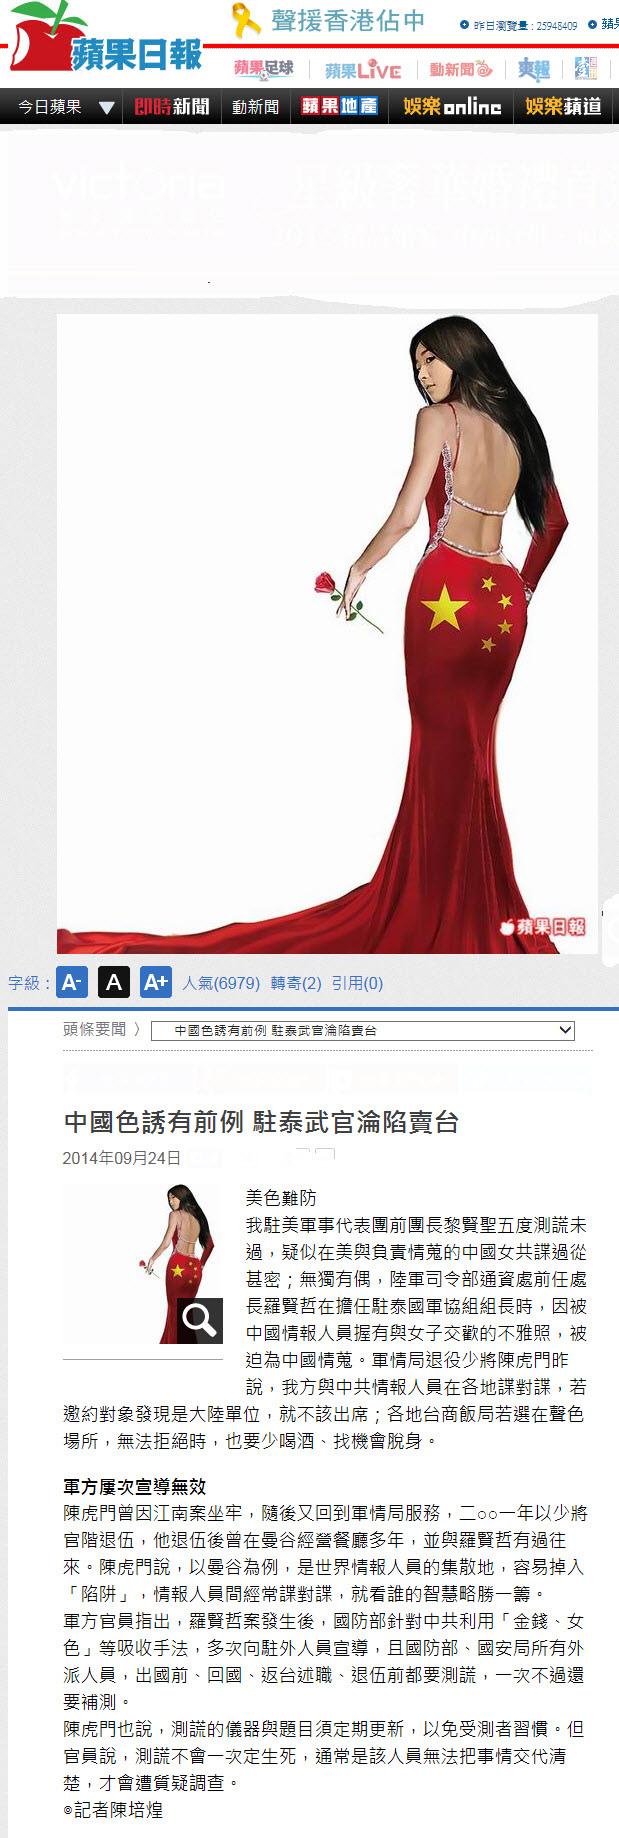 中國色誘有前例 駐泰武官淪陷賣台-2014.09.24.jpg